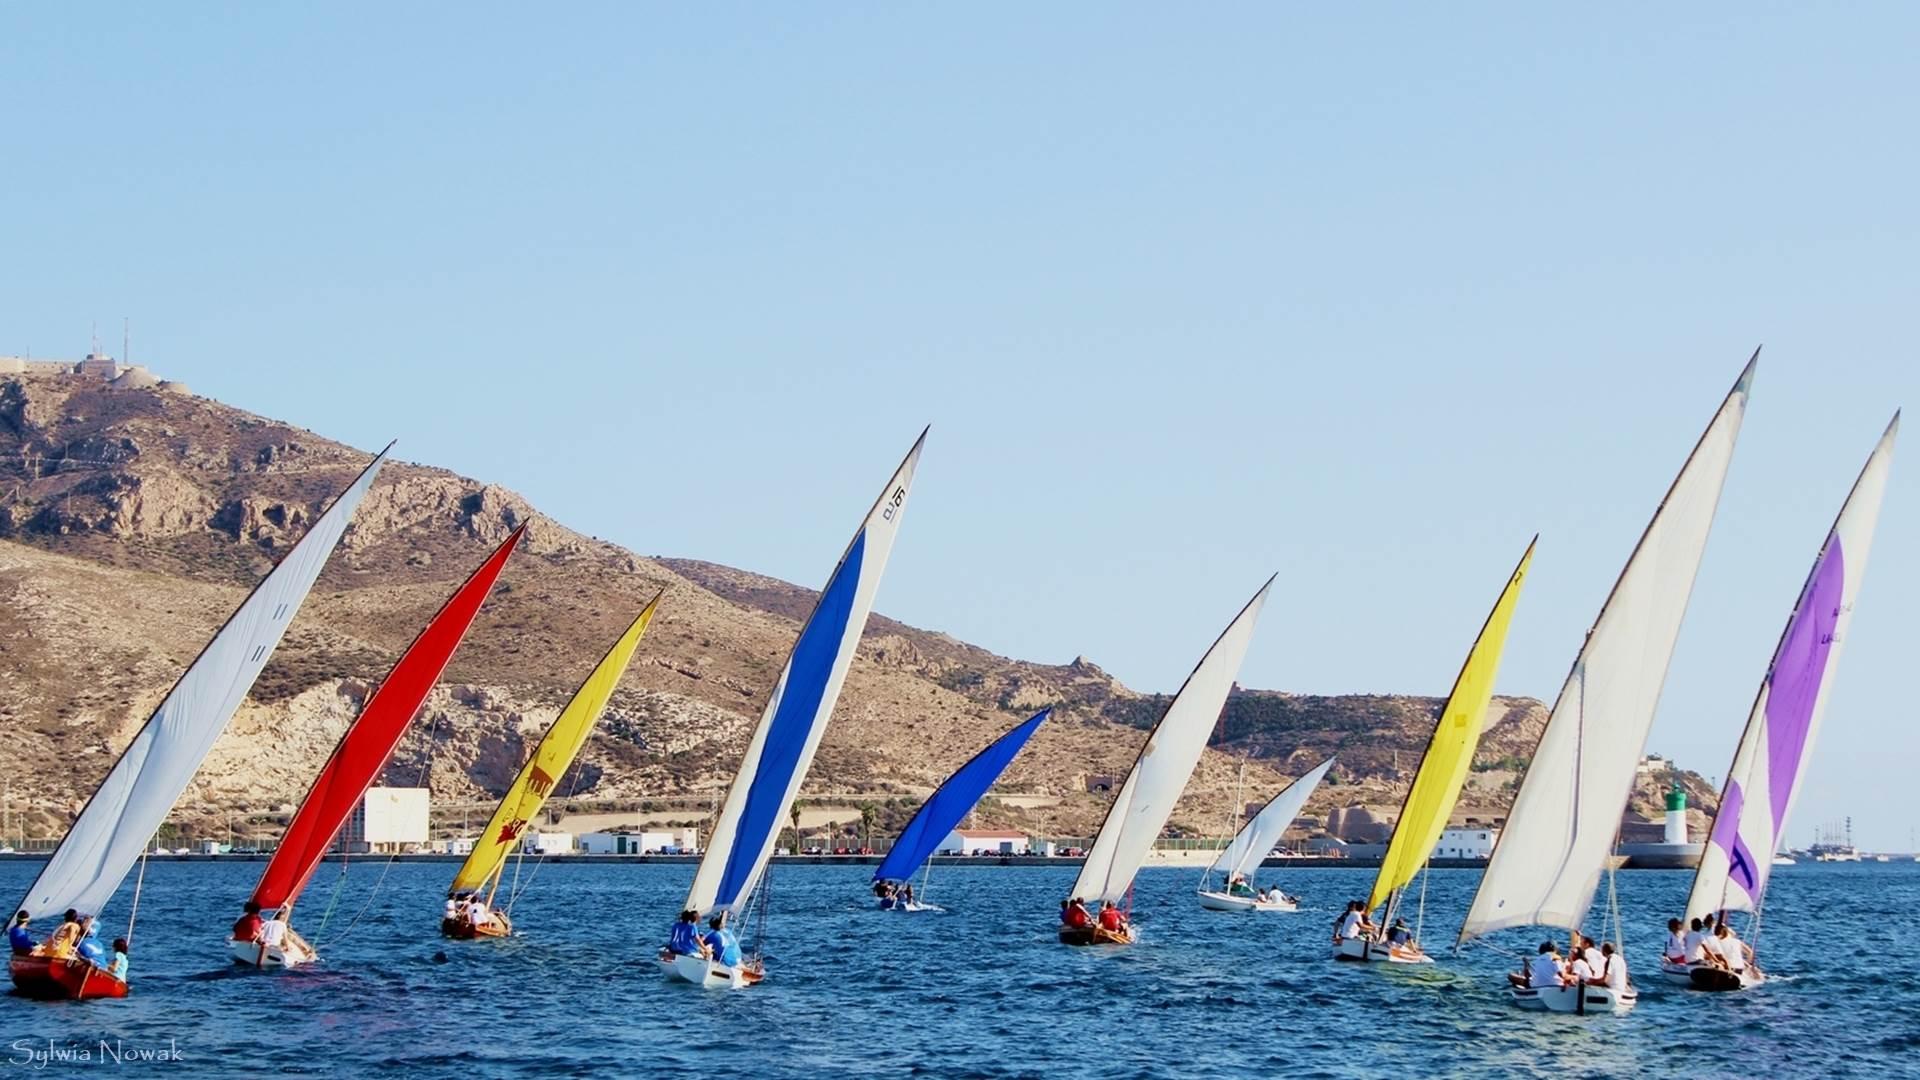 Murcja - Regaty żeglarskie w Murcji